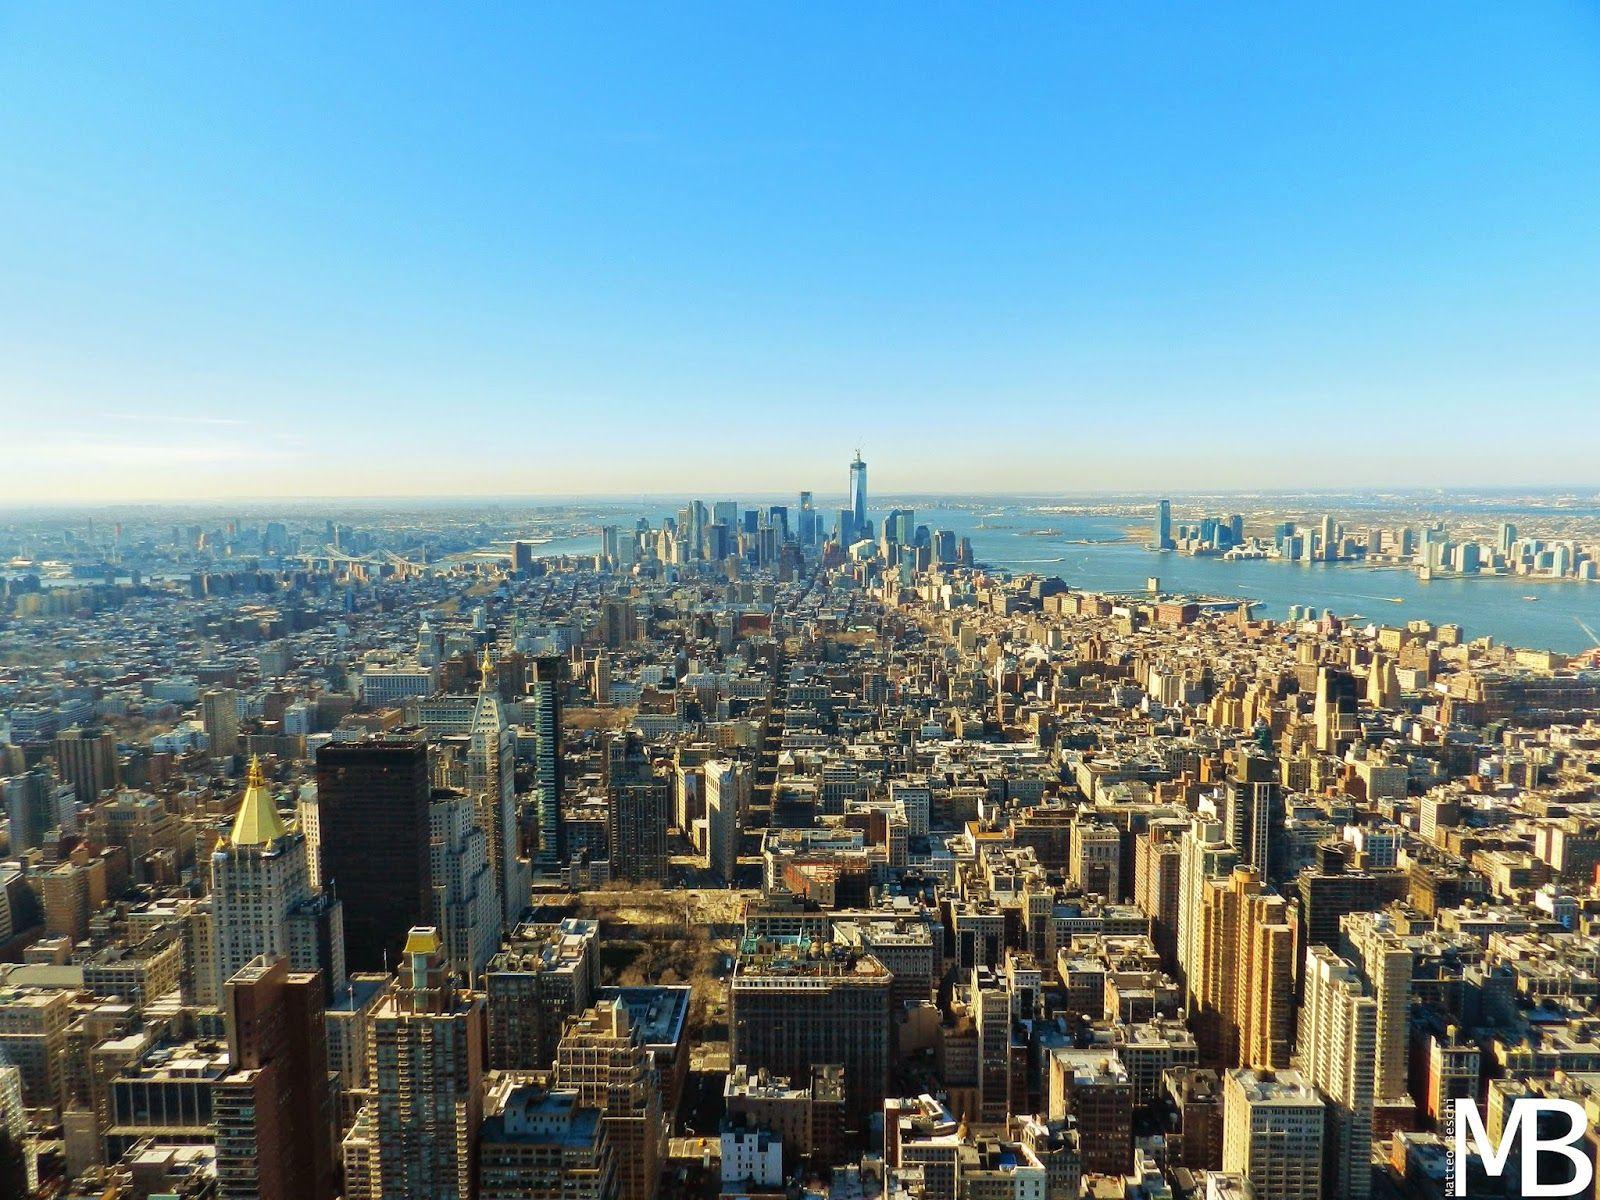 Scatti e Bagagli: 7 giorni a New York, la città che non dorme mai! On top of the world, Empire State Building